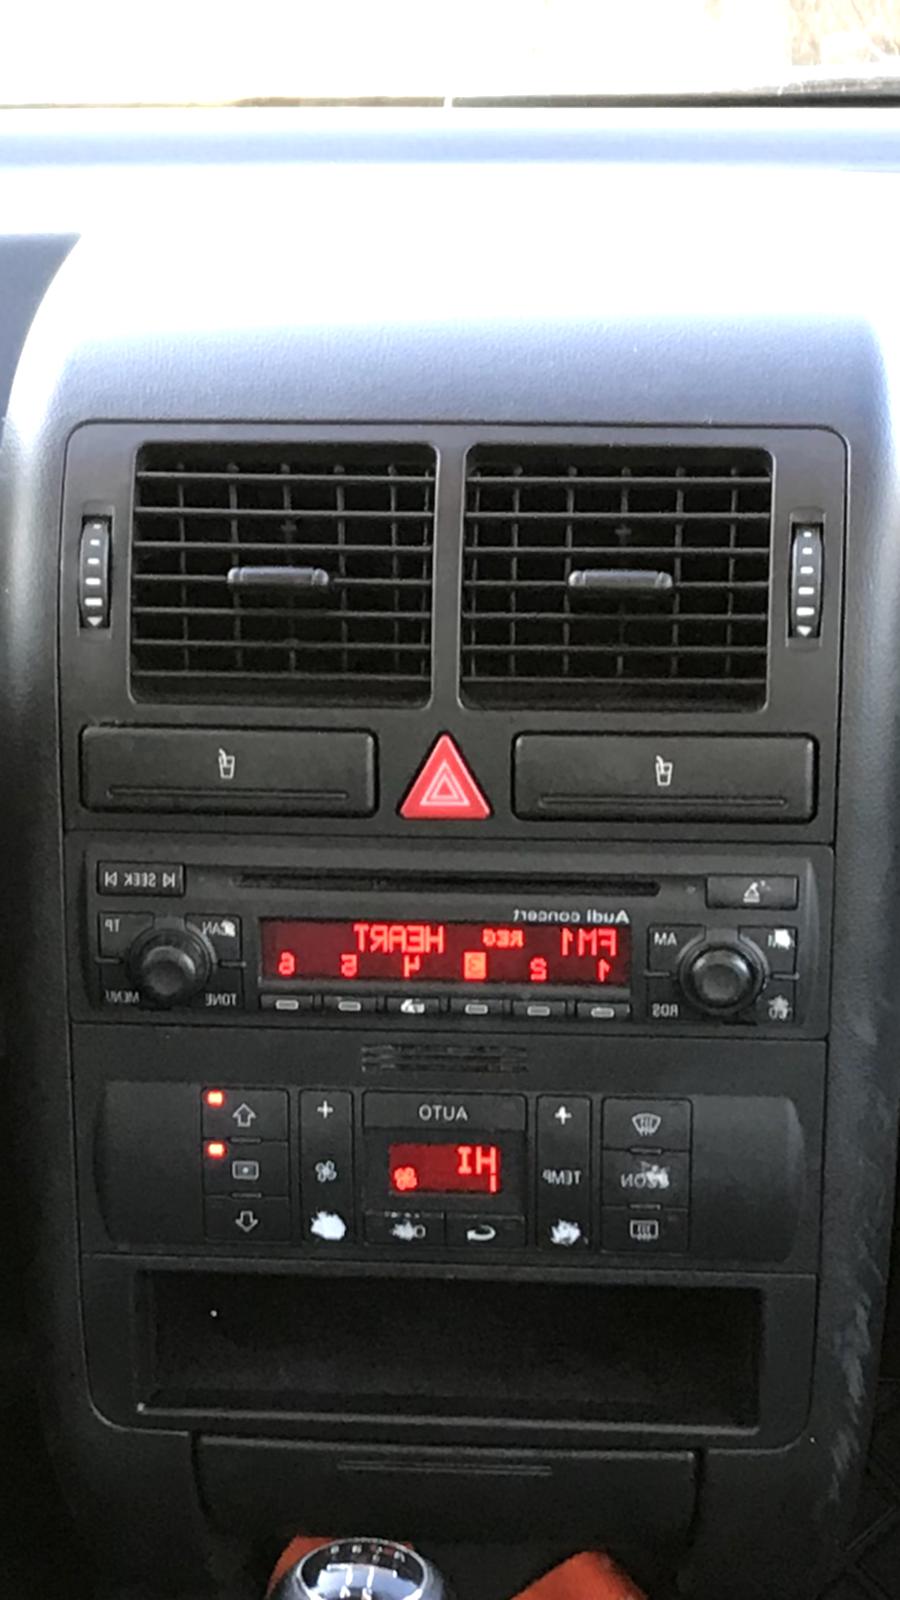 a2 radio gebraucht kaufen